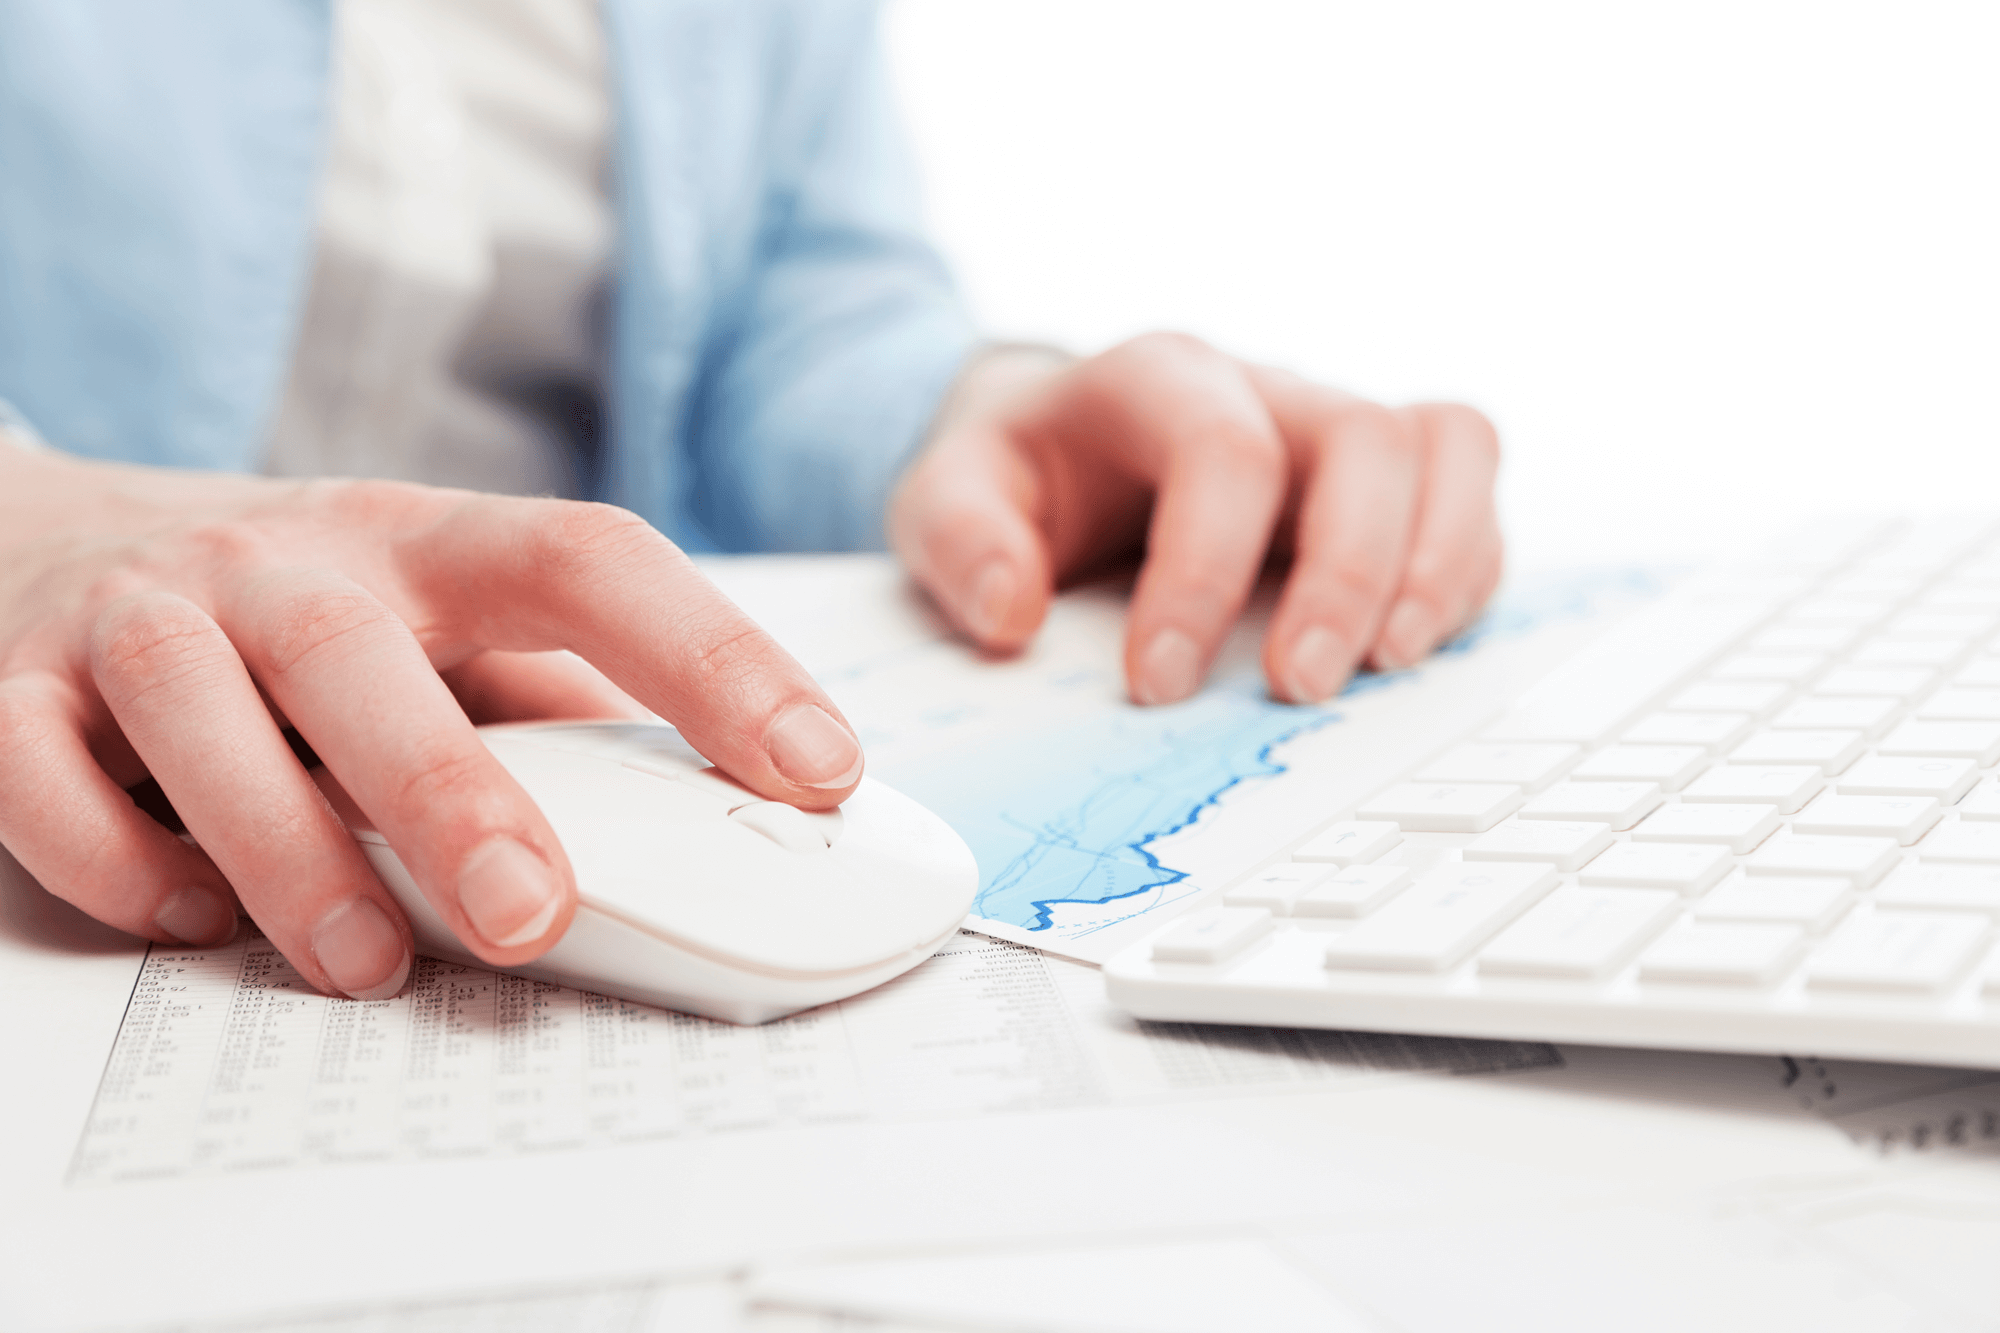 Informatiegestuurd werken   IGW   Een strategische discipline